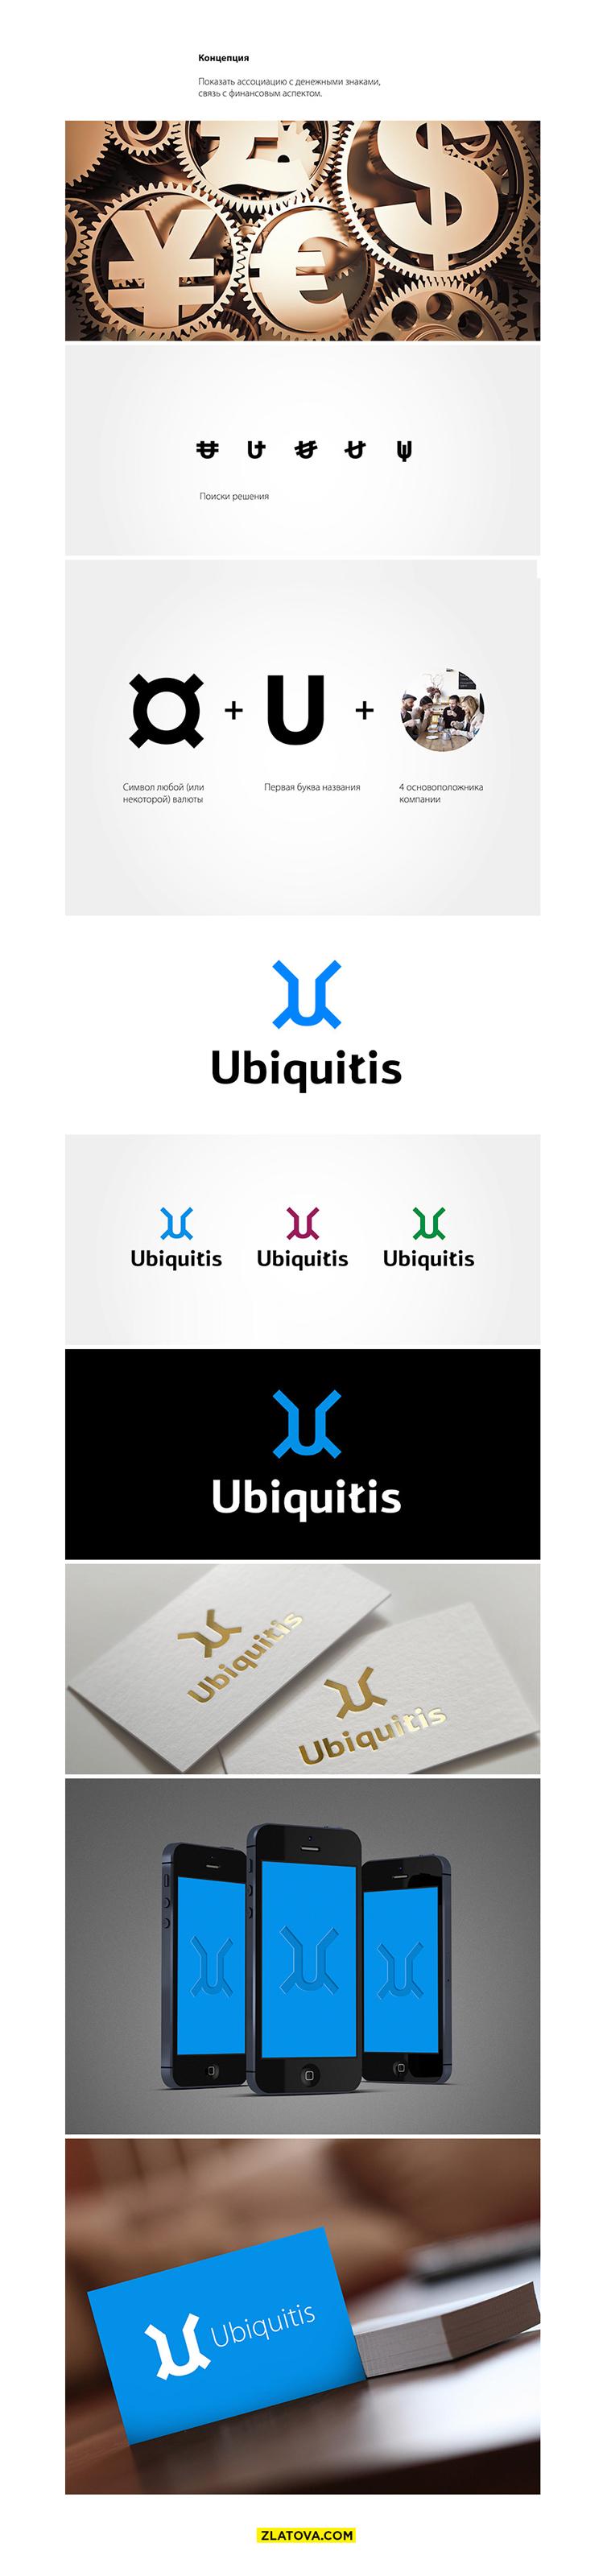 Ubiquitis